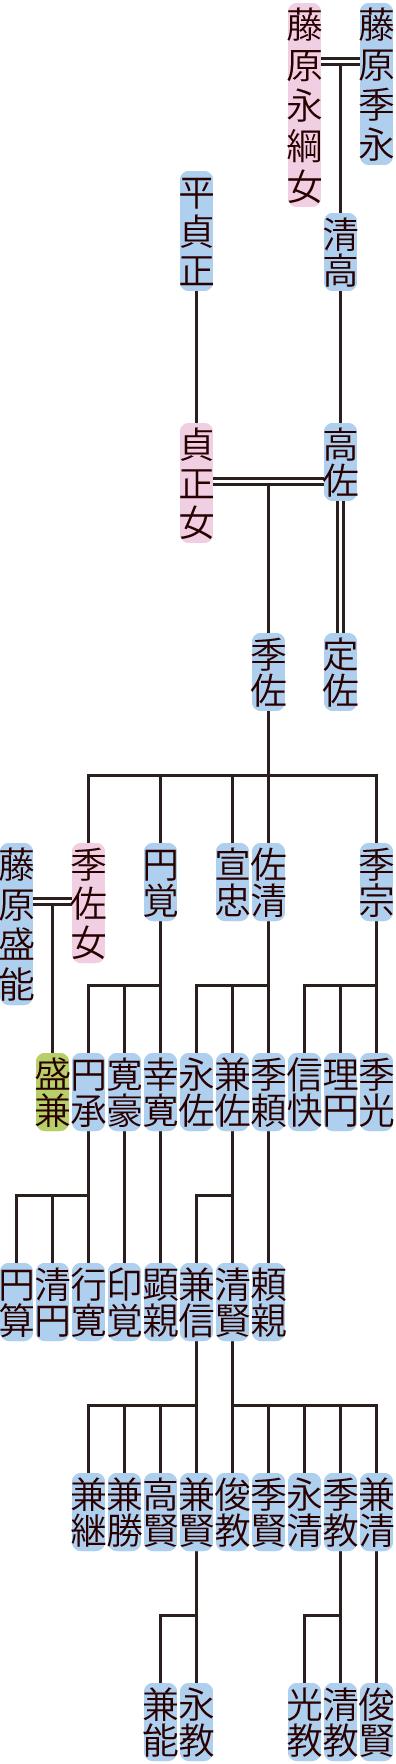 藤原高佐の系図